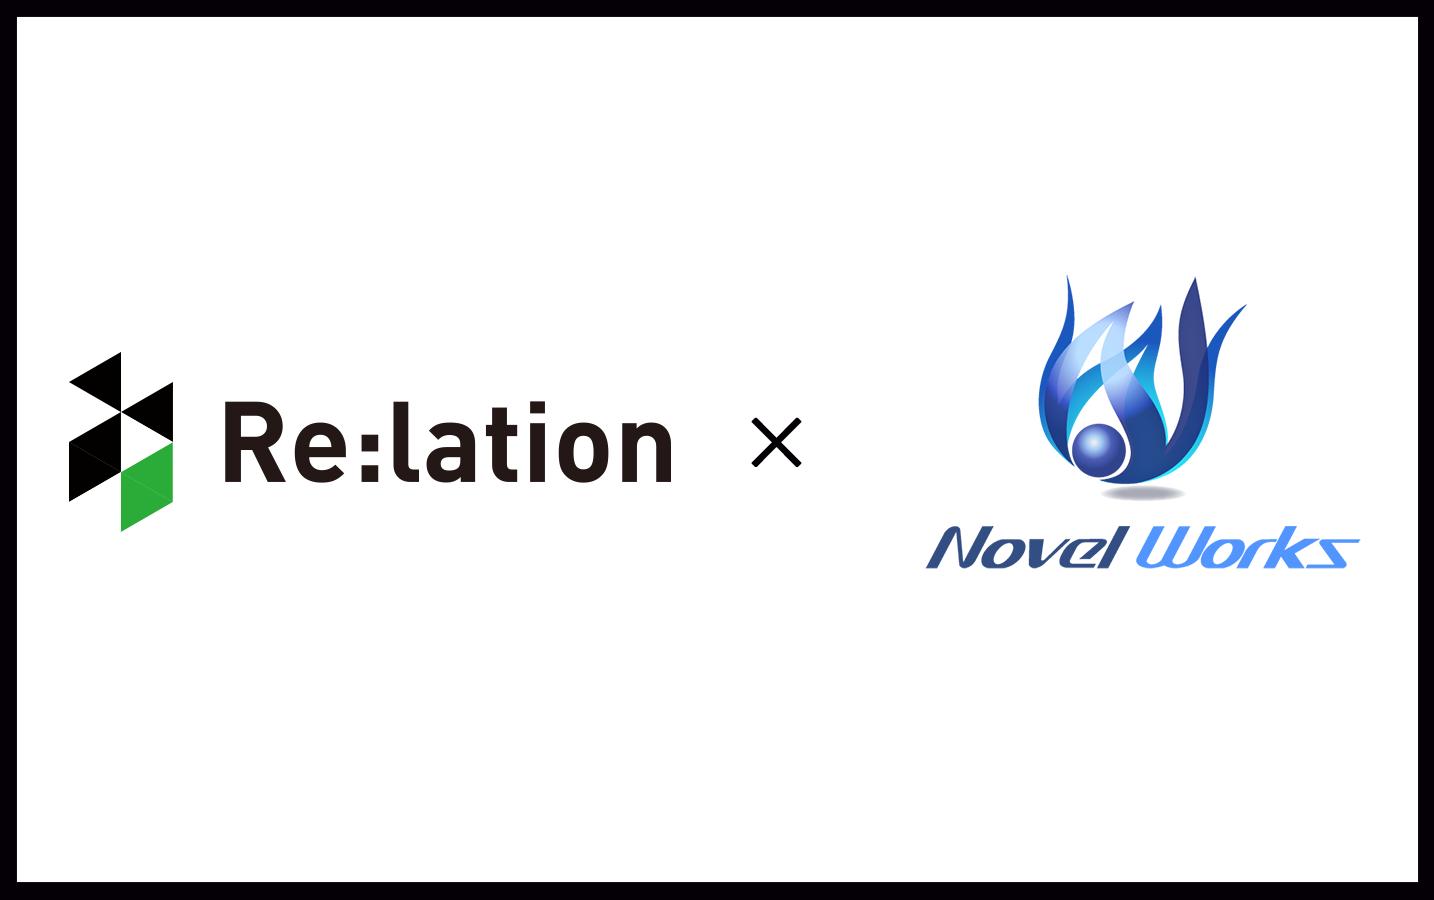 顧客対応クラウド『Re:lation』のインゲージ、『kintone』を中心にした業務システム開発を行うノベルワークスとの協業を開始